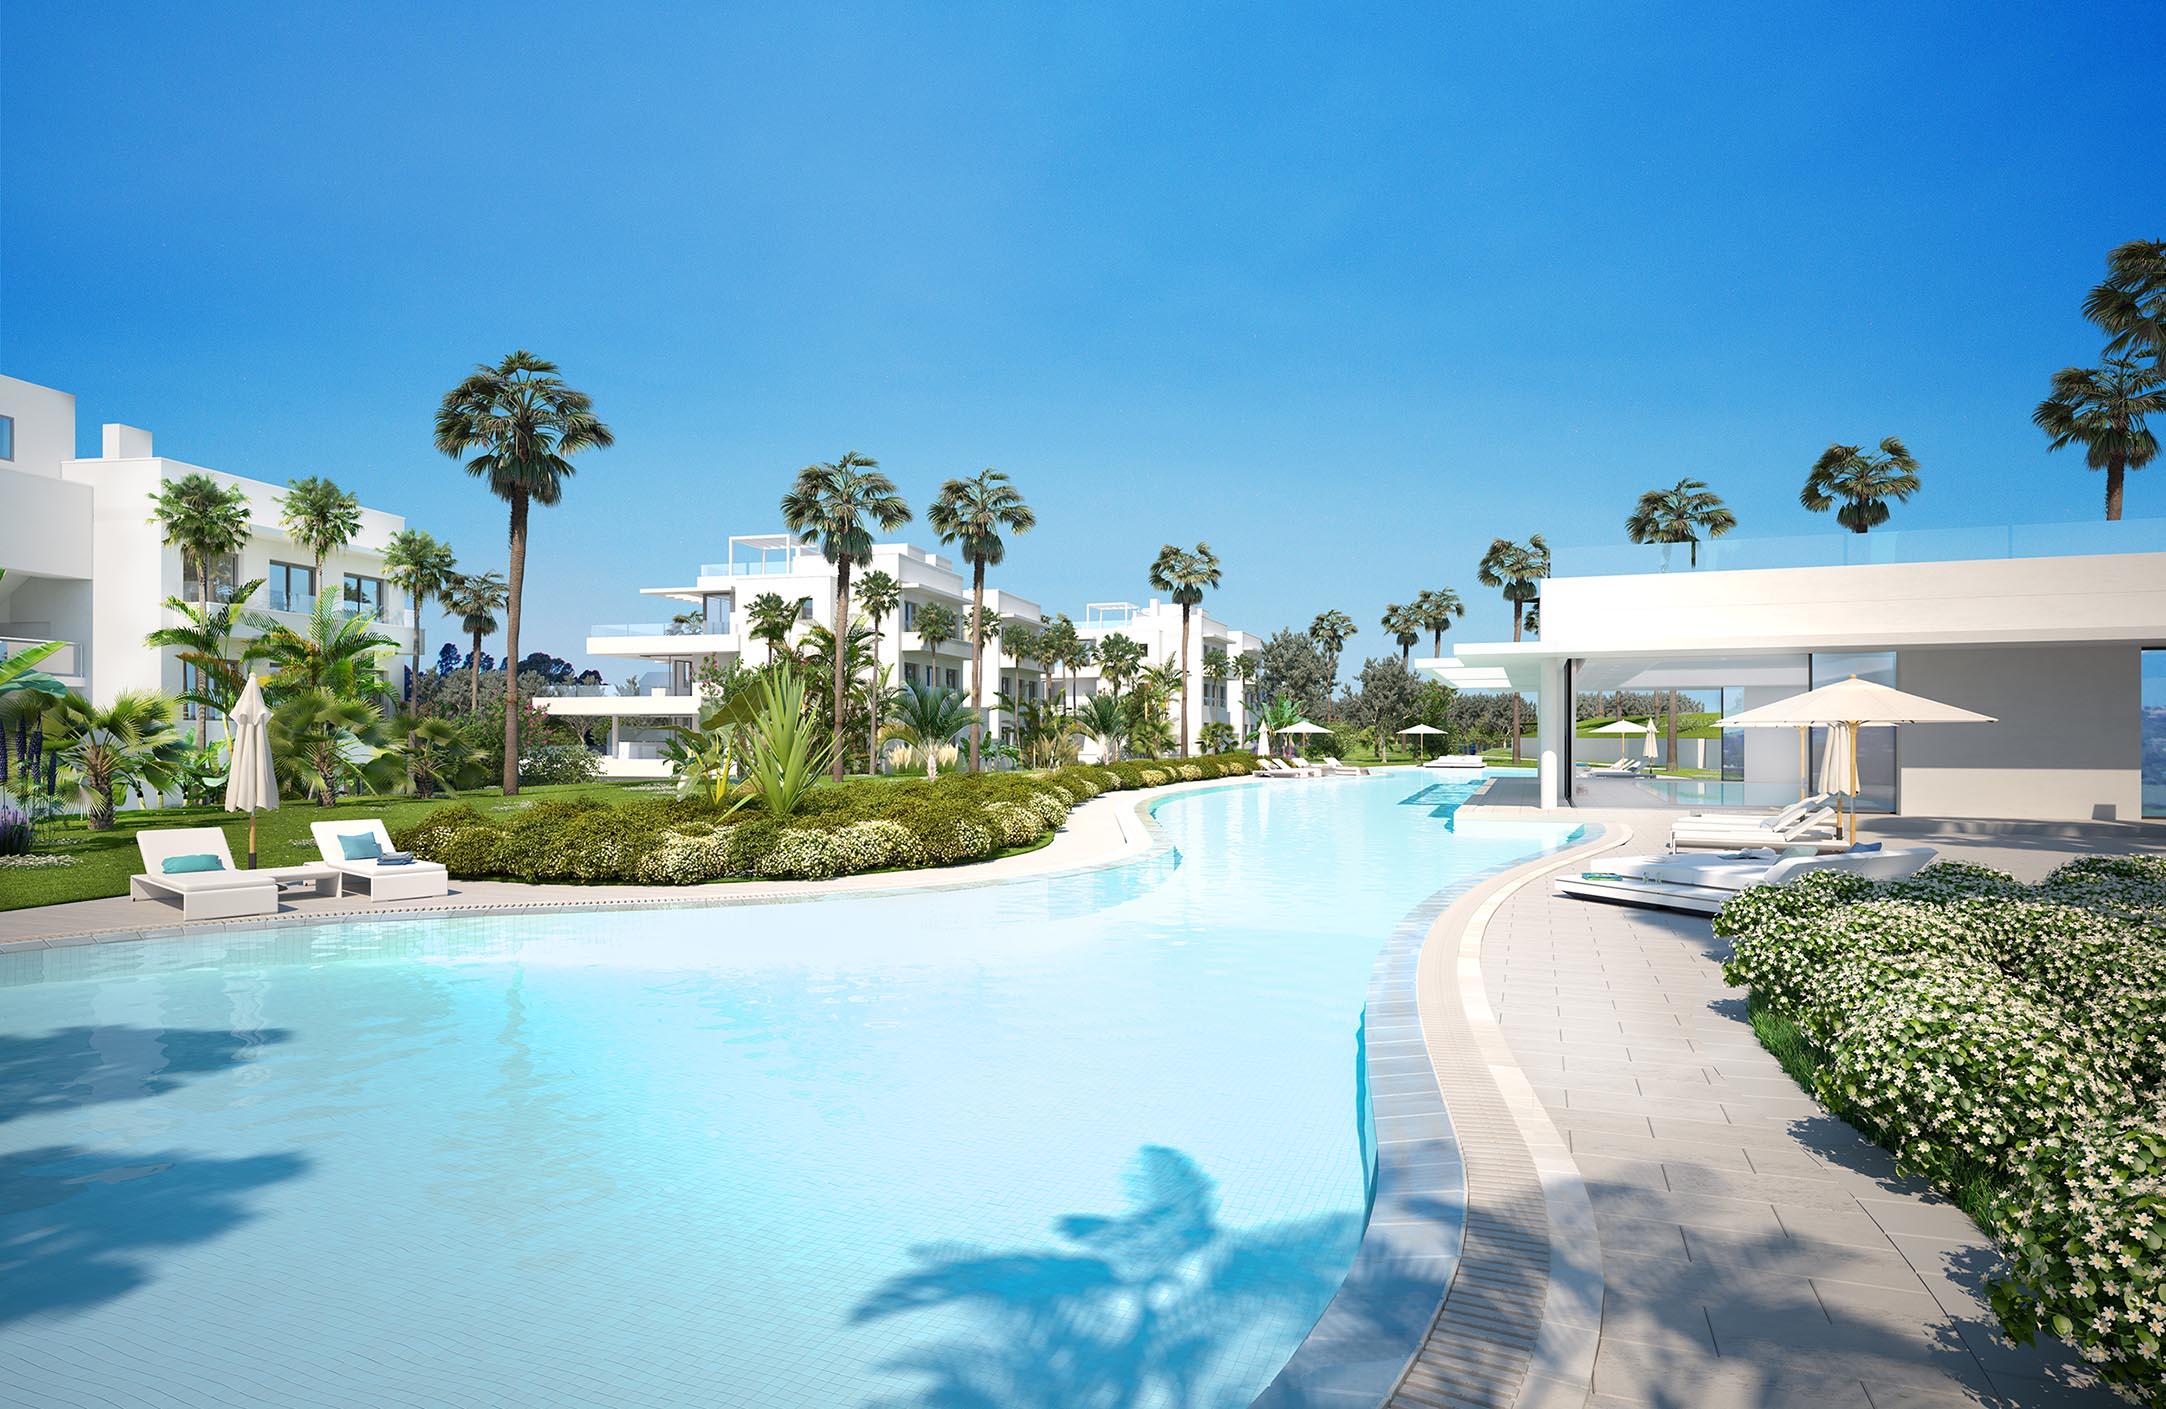 Ref:359-00052P Apartment For Sale in Estepona